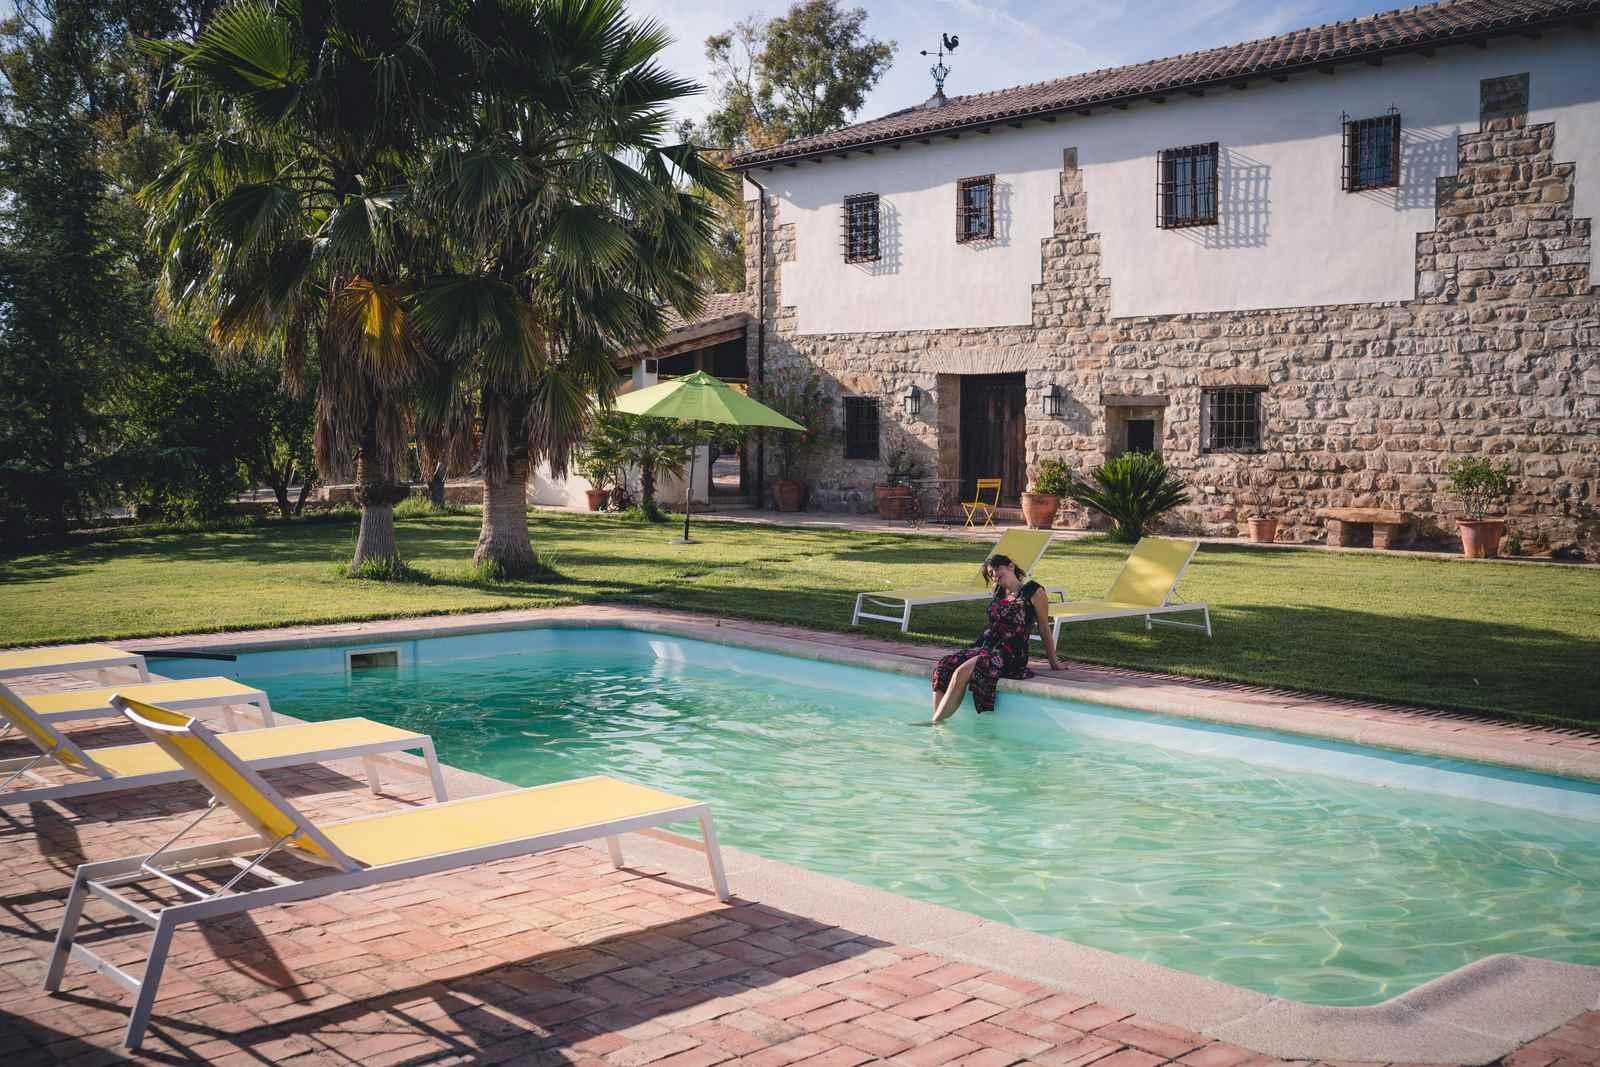 Alquiler vacaciones en Begíjar, Jaén